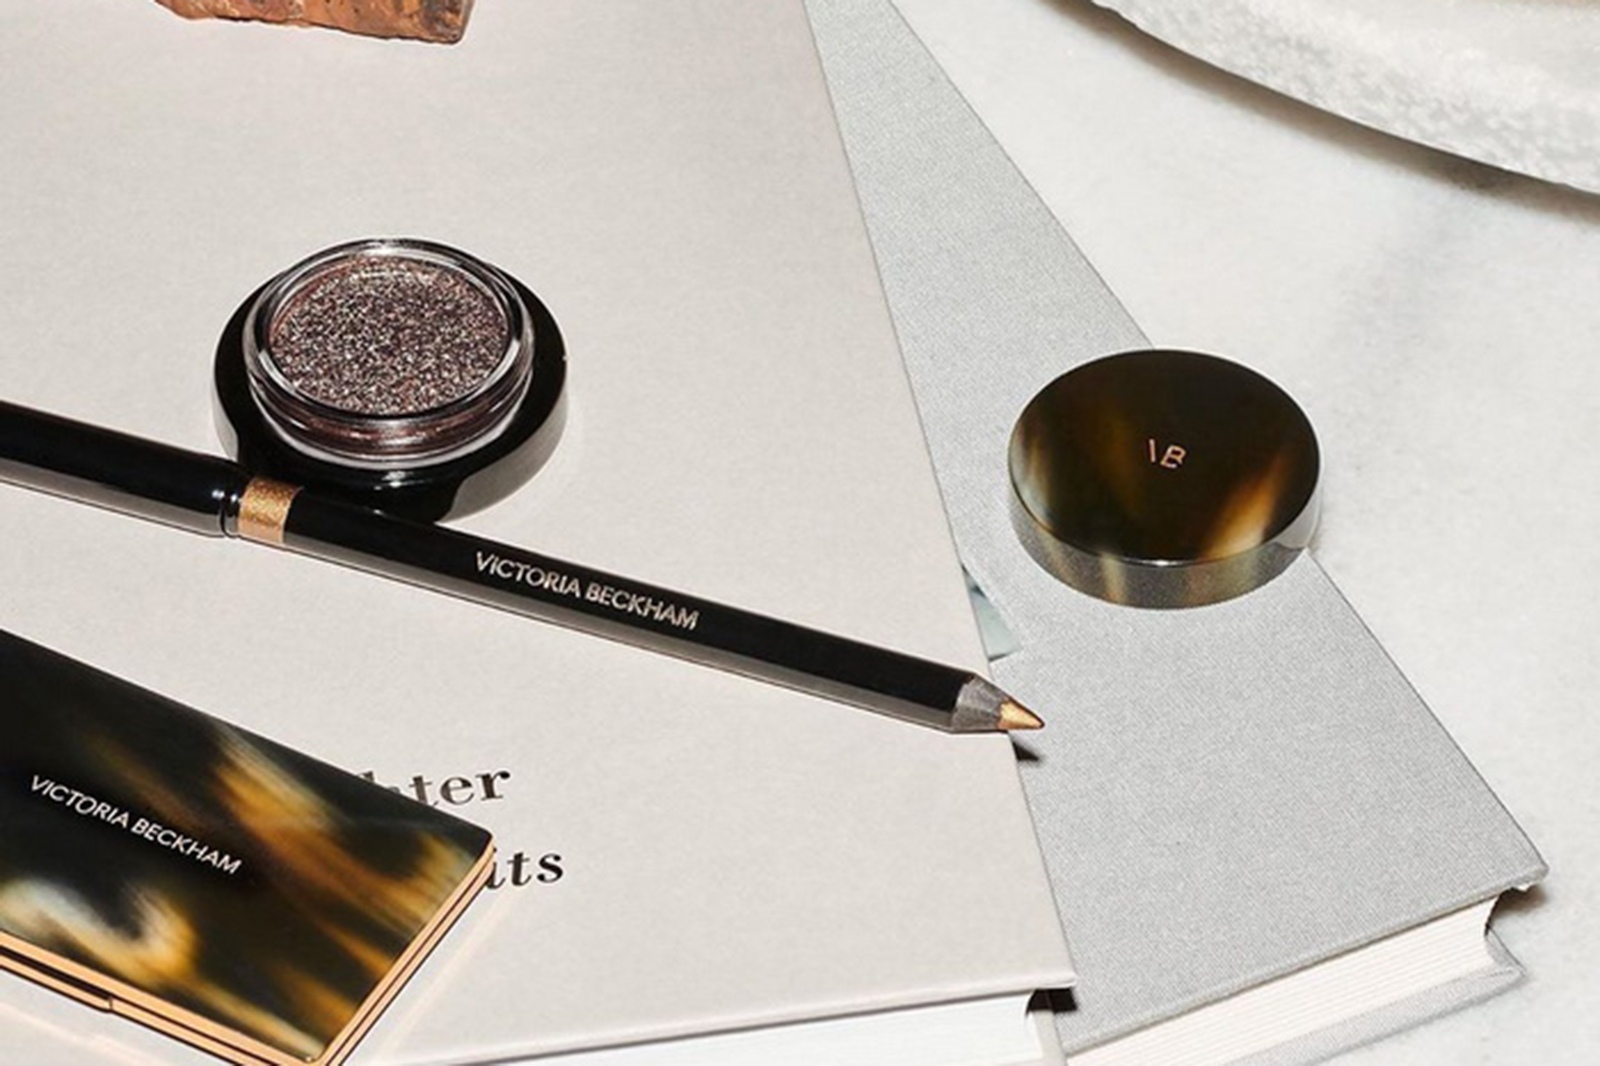 maquillage-victoria-beckham-autome-2019